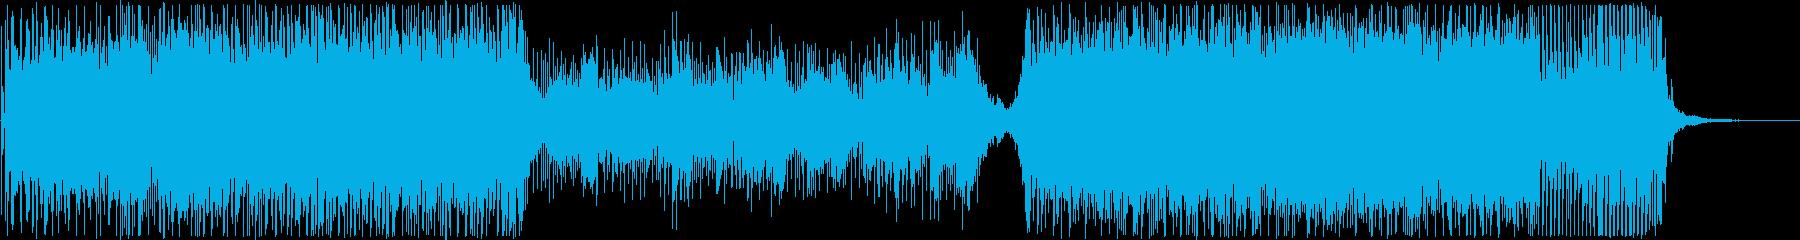 エレクトロなホラー系劇伴の再生済みの波形